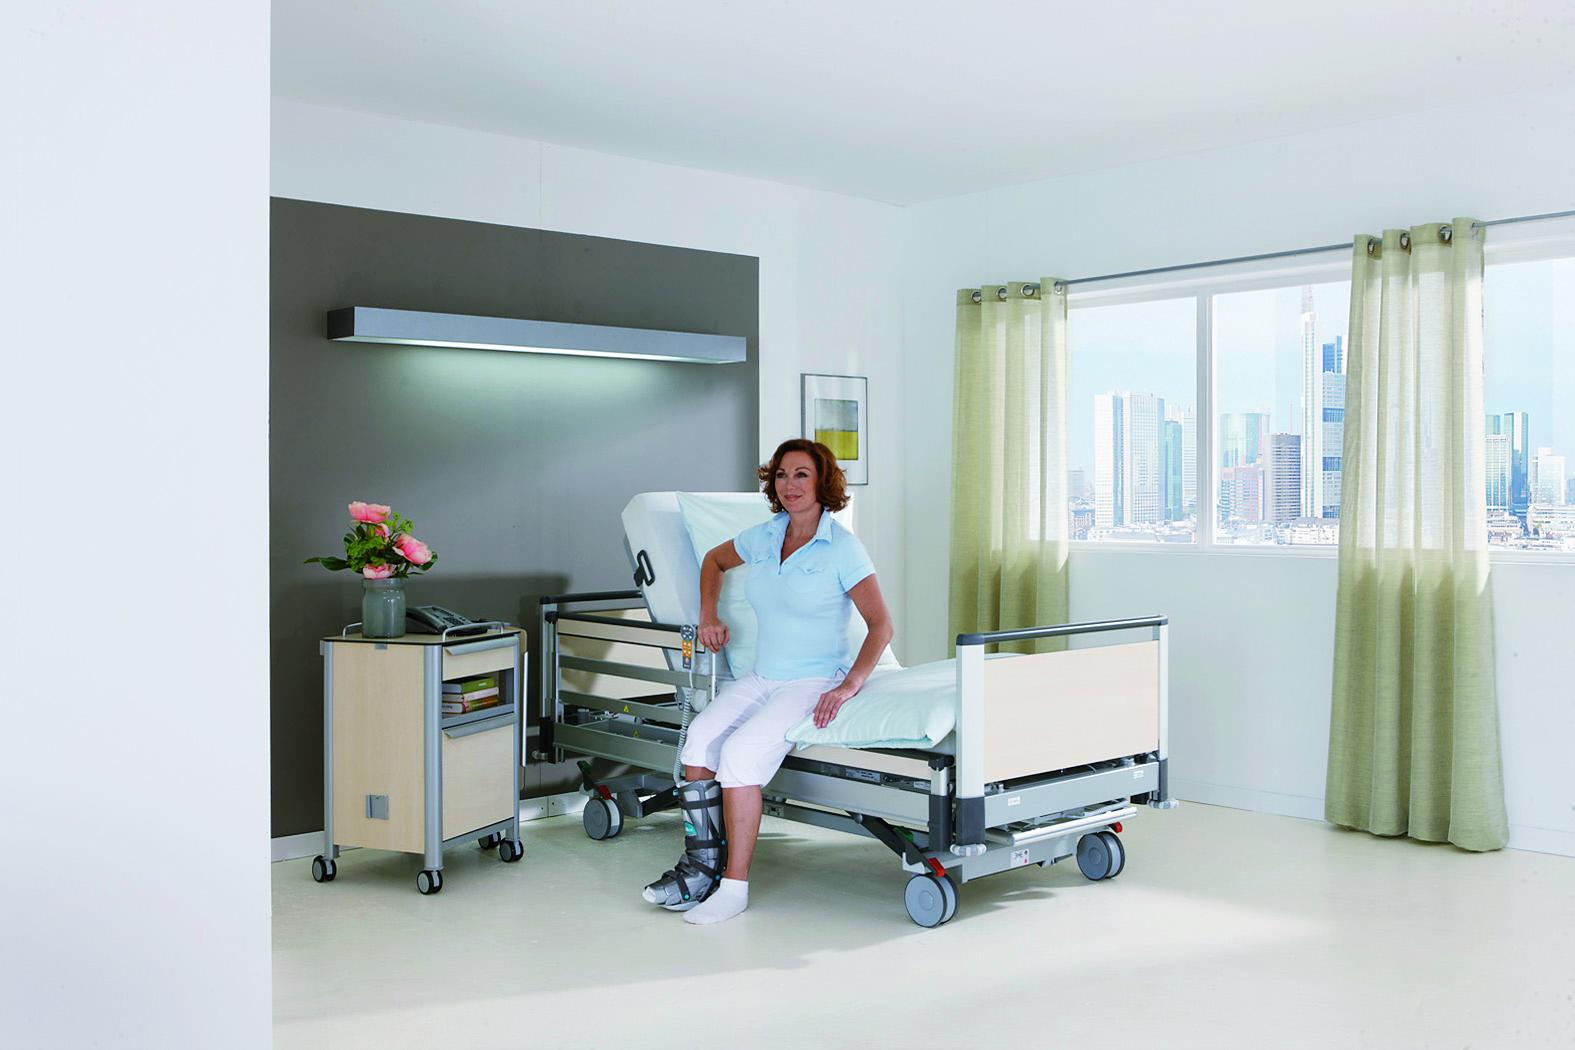 Herausragende Rolle der Pflege bei der Wiedererlangung der Mobilität